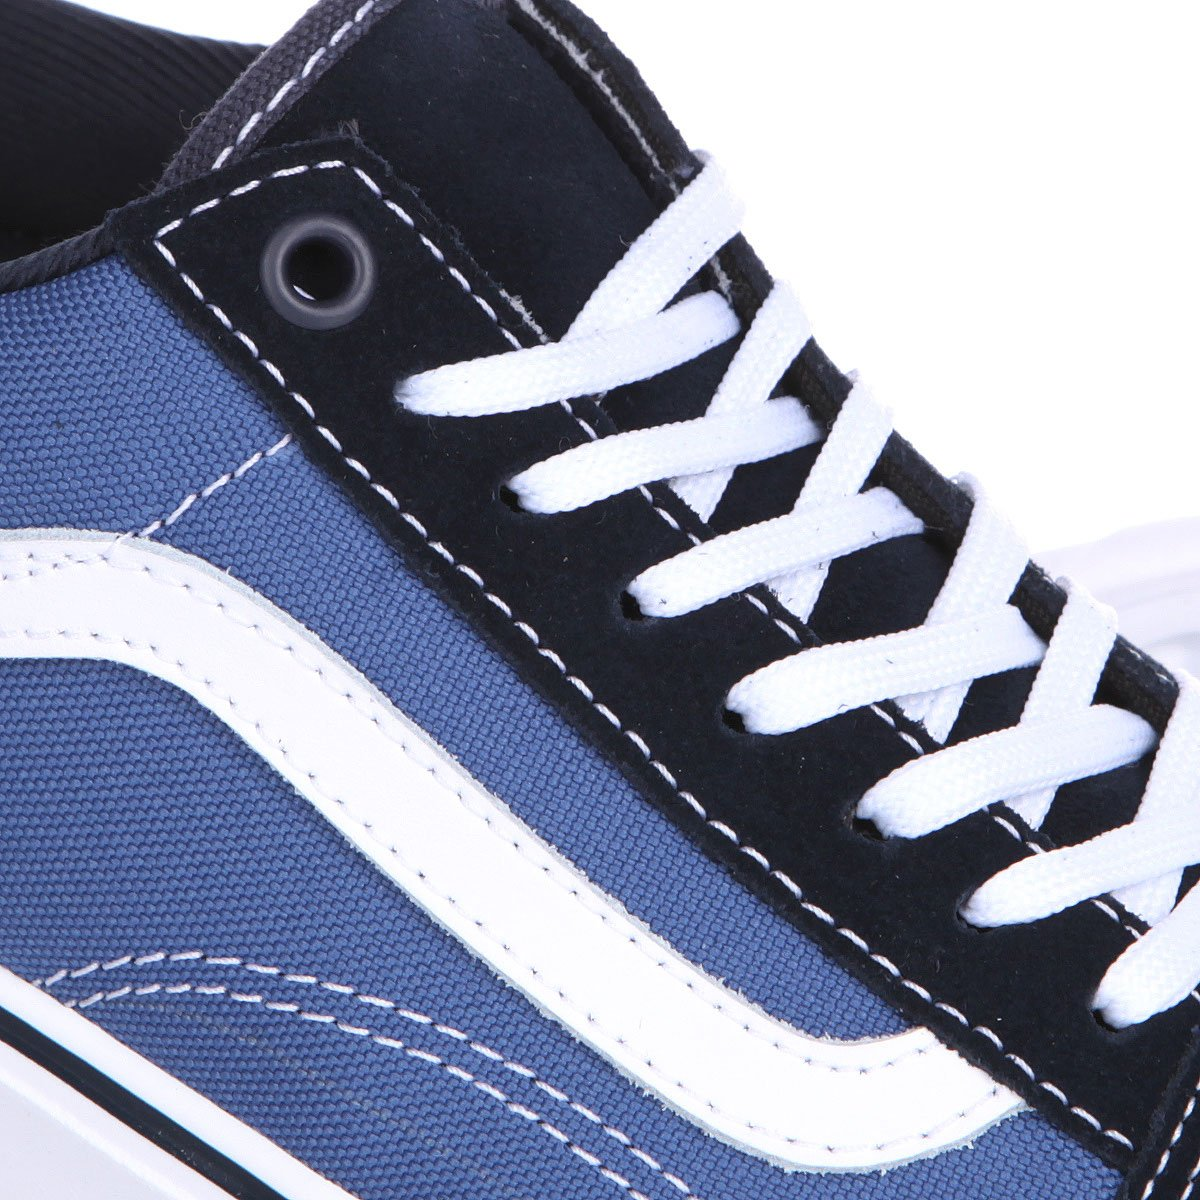 2369dc8a23 Купить кеды низкие Vans Old Skool Lite Navy Stv Navy True White в ...